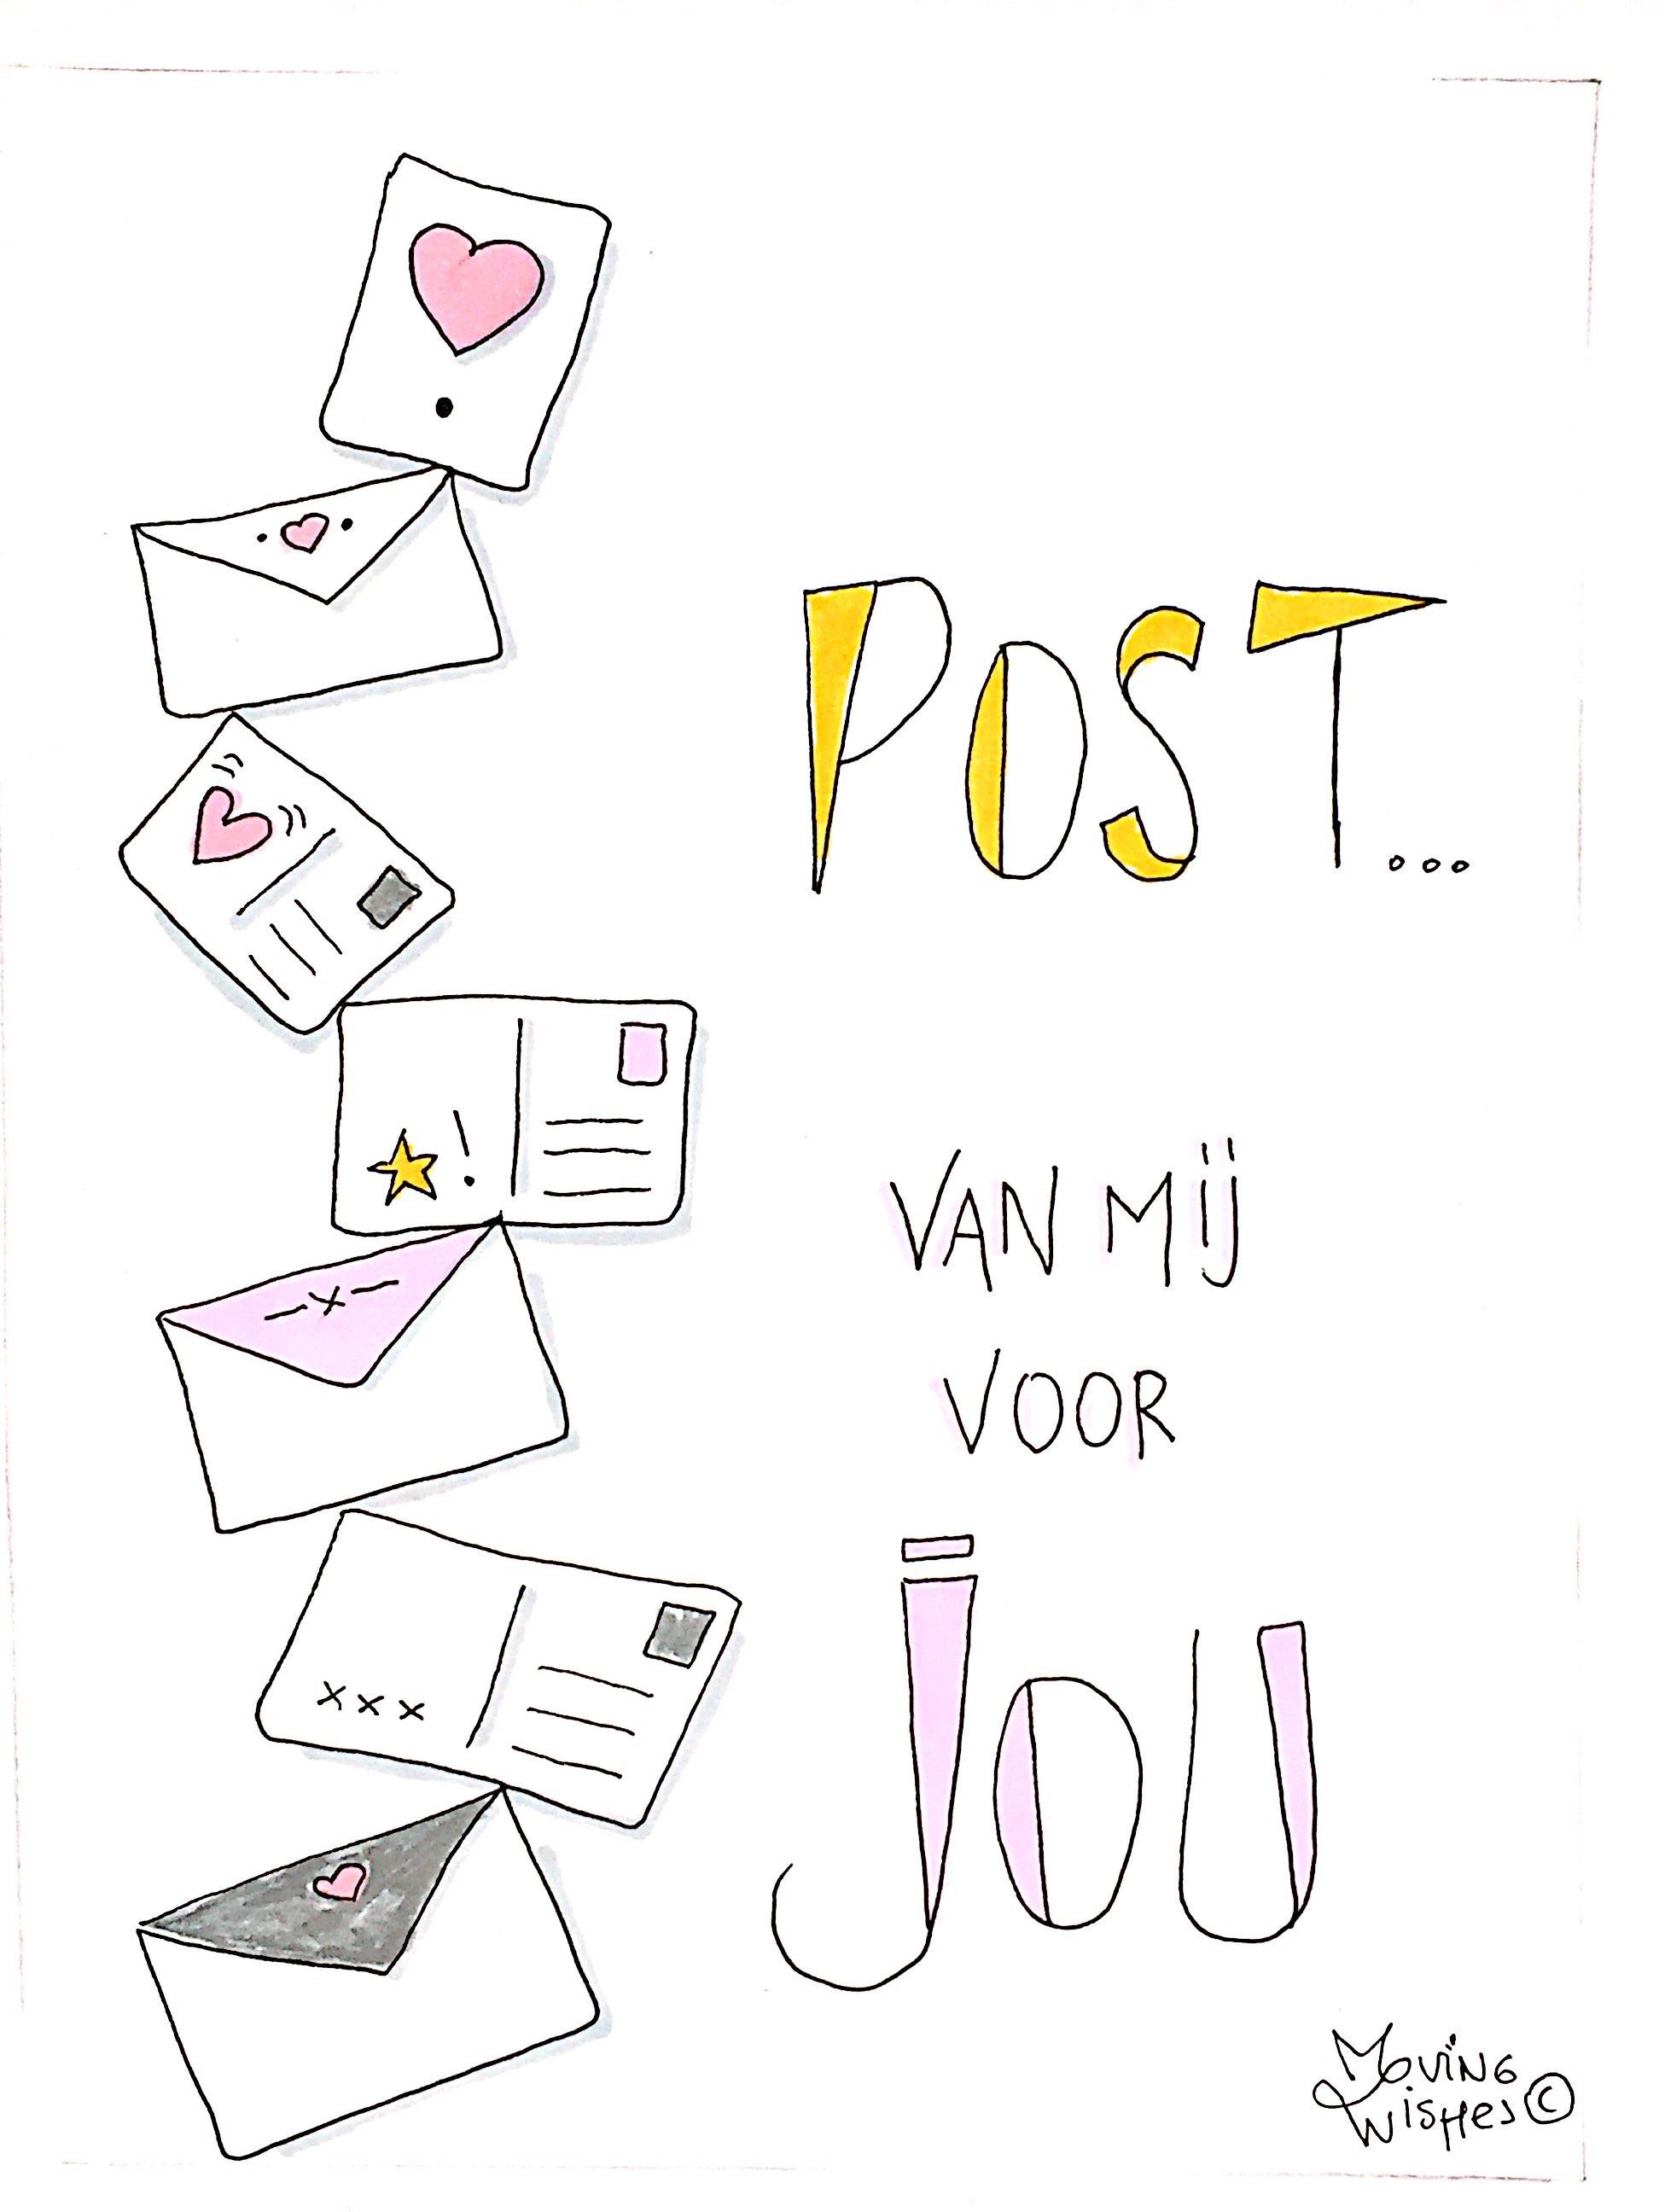 Wenskaart liefdesbrieven.